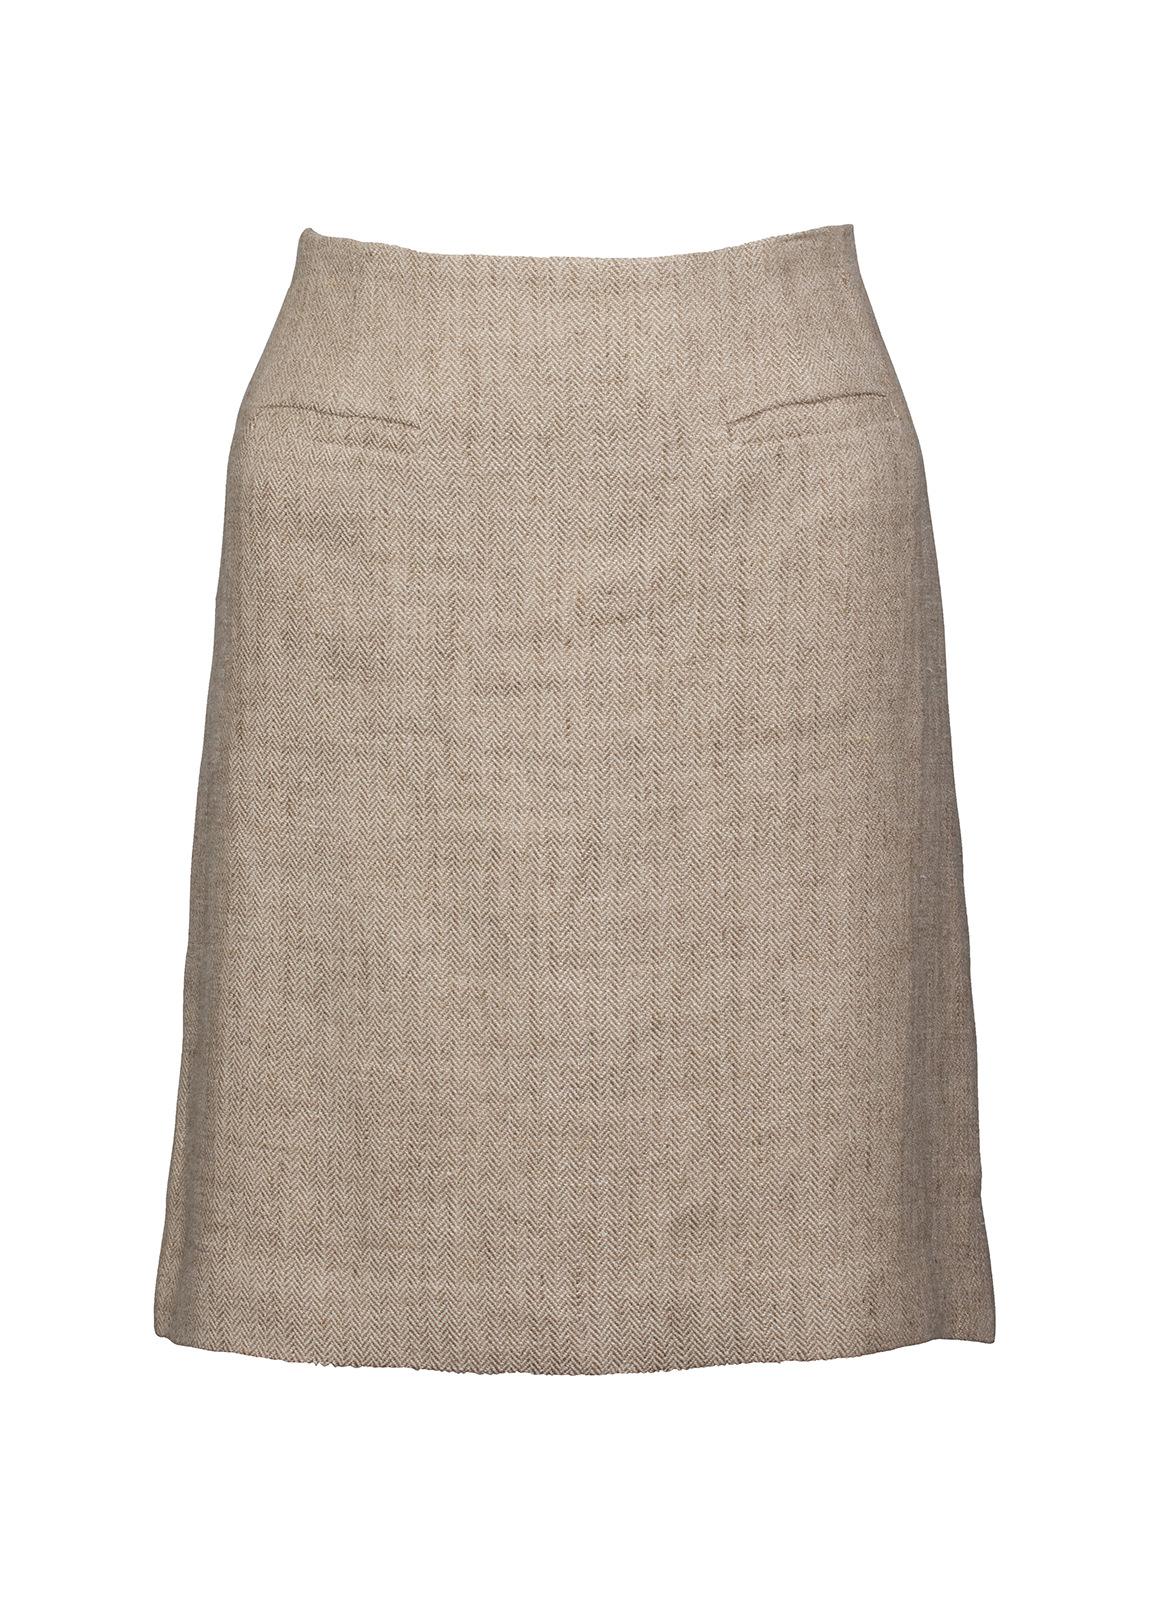 Dubarry_ Sunflower Linen Ladies Skirt - Oatmeal_Image_2